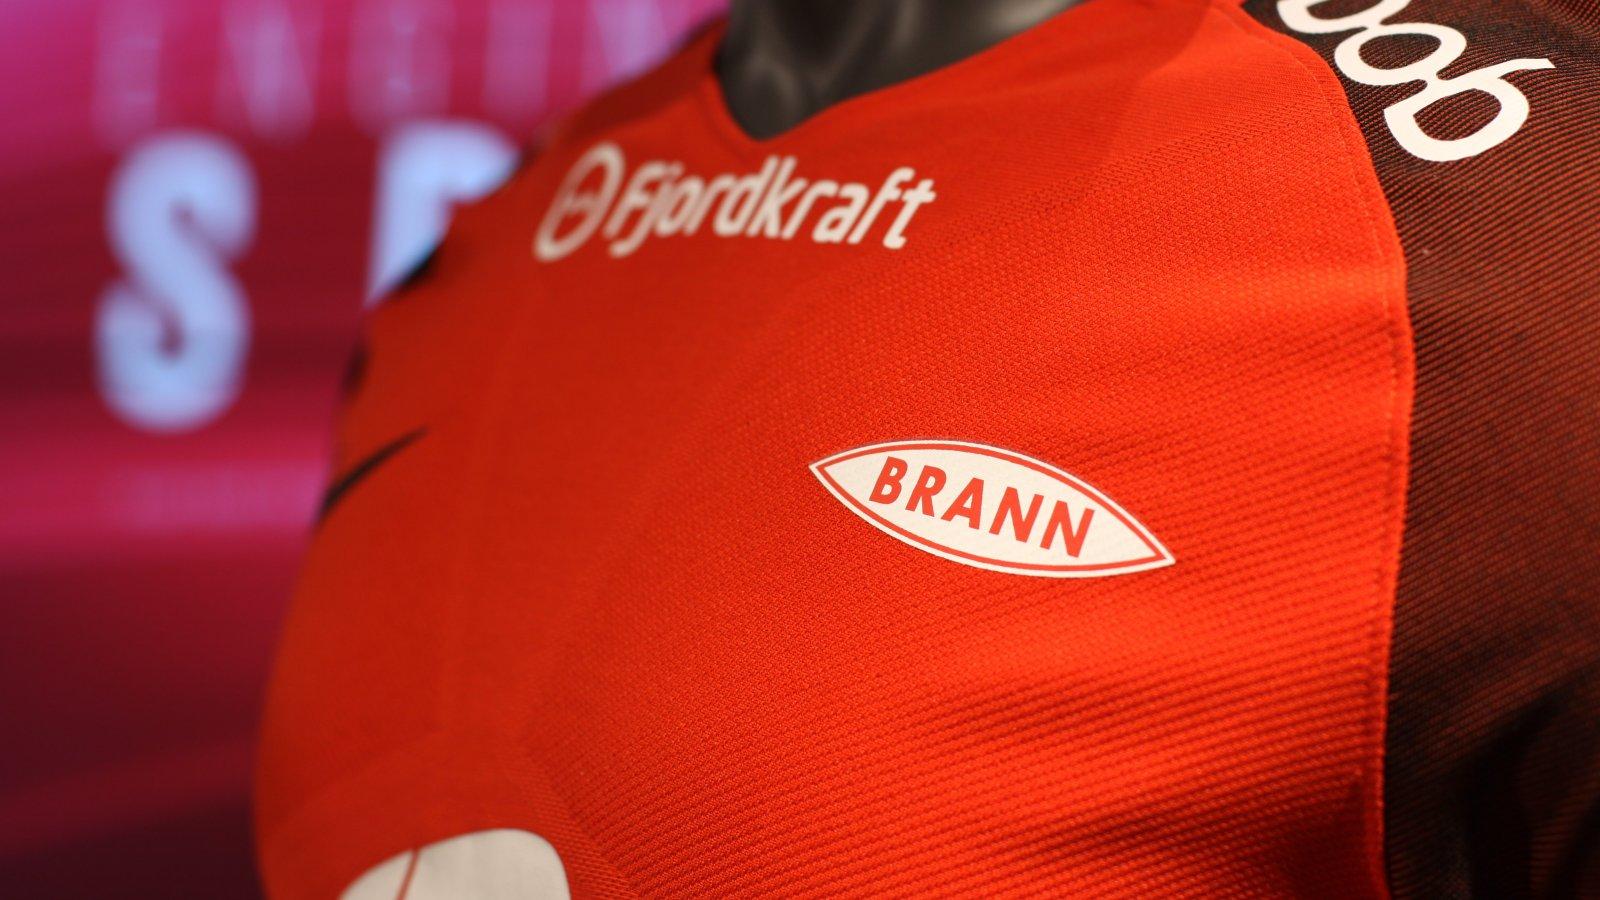 1796e3c8 Brann får samme logomerke-leverandør til klær som gigantklubbene. Brann, Torshov  Sport ...